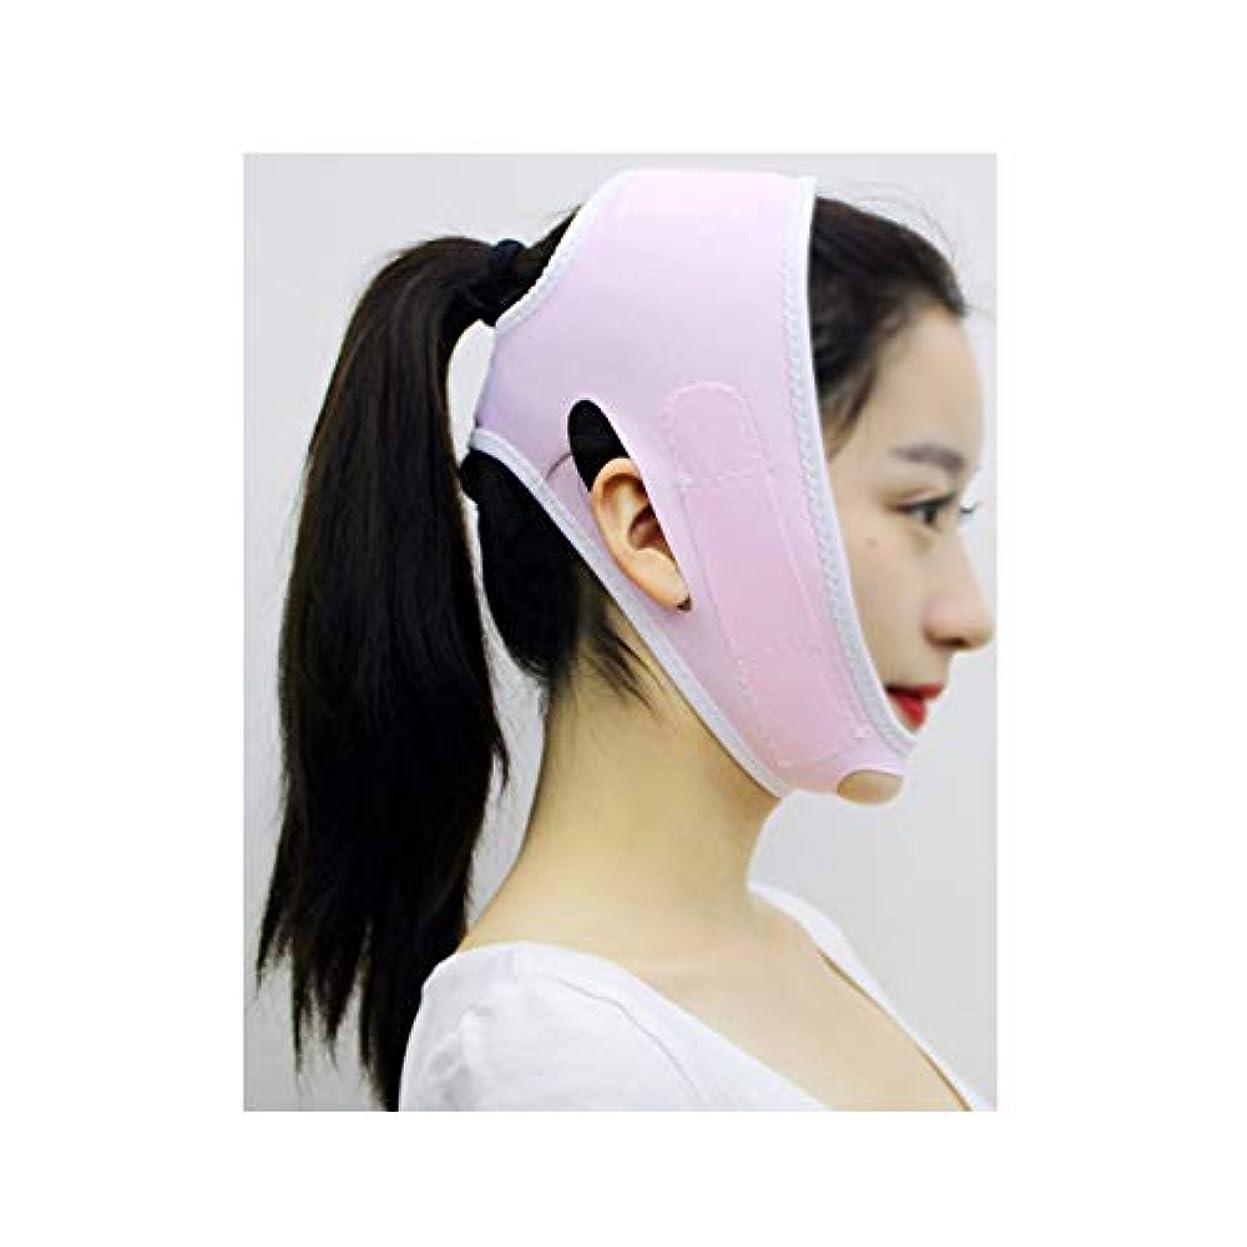 ブランド無しカップルTLMY フェイシャルリフティングマスクあごストラップ修復包帯ヘッドバンドマスクフェイスリフティングスモールVフェイスアーティファクト型美容弾性フェイシャル&ネックリフティング 顔用整形マスク (Color : Pink)